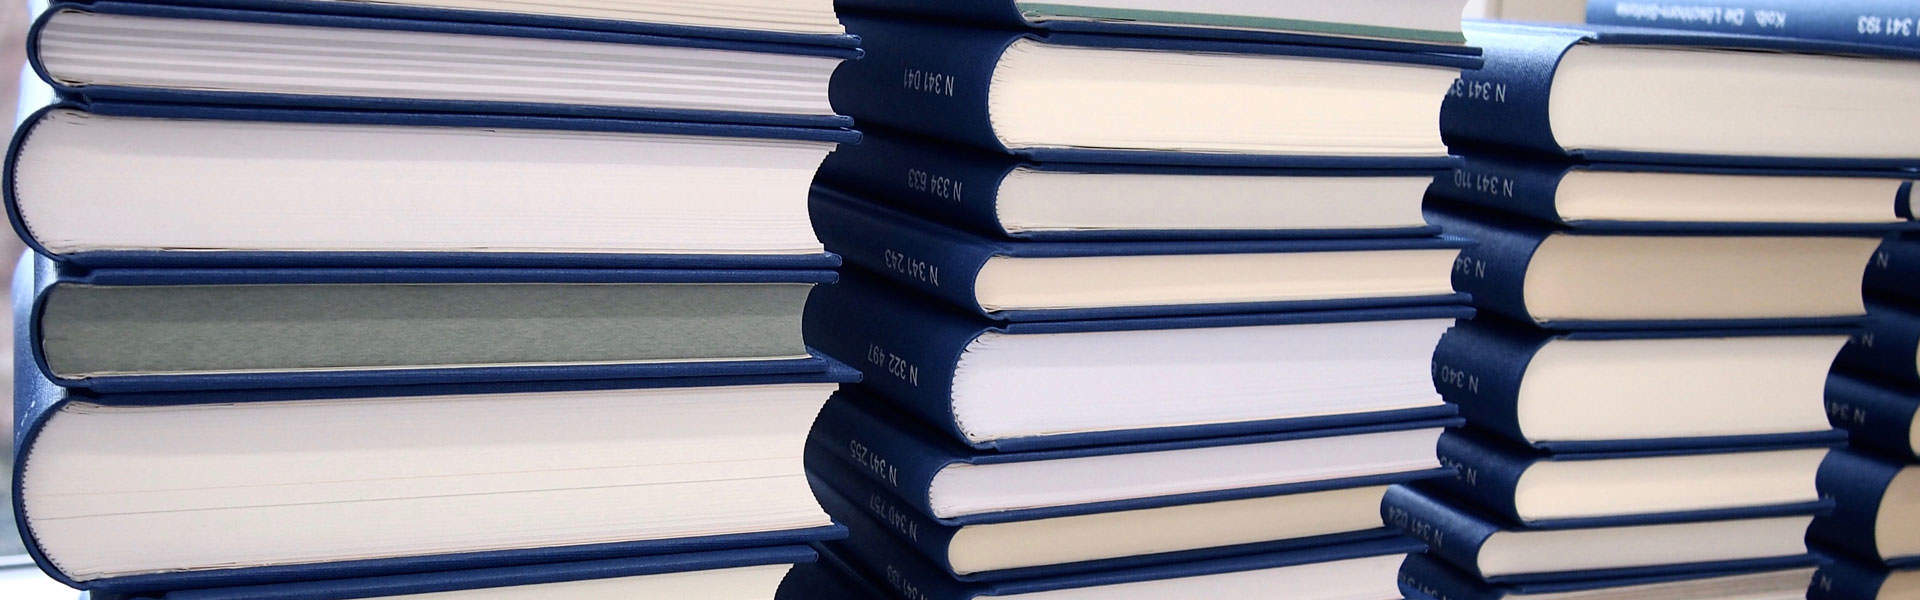 Bibliotheksbaende - Buchbinderei Papierhandwerk